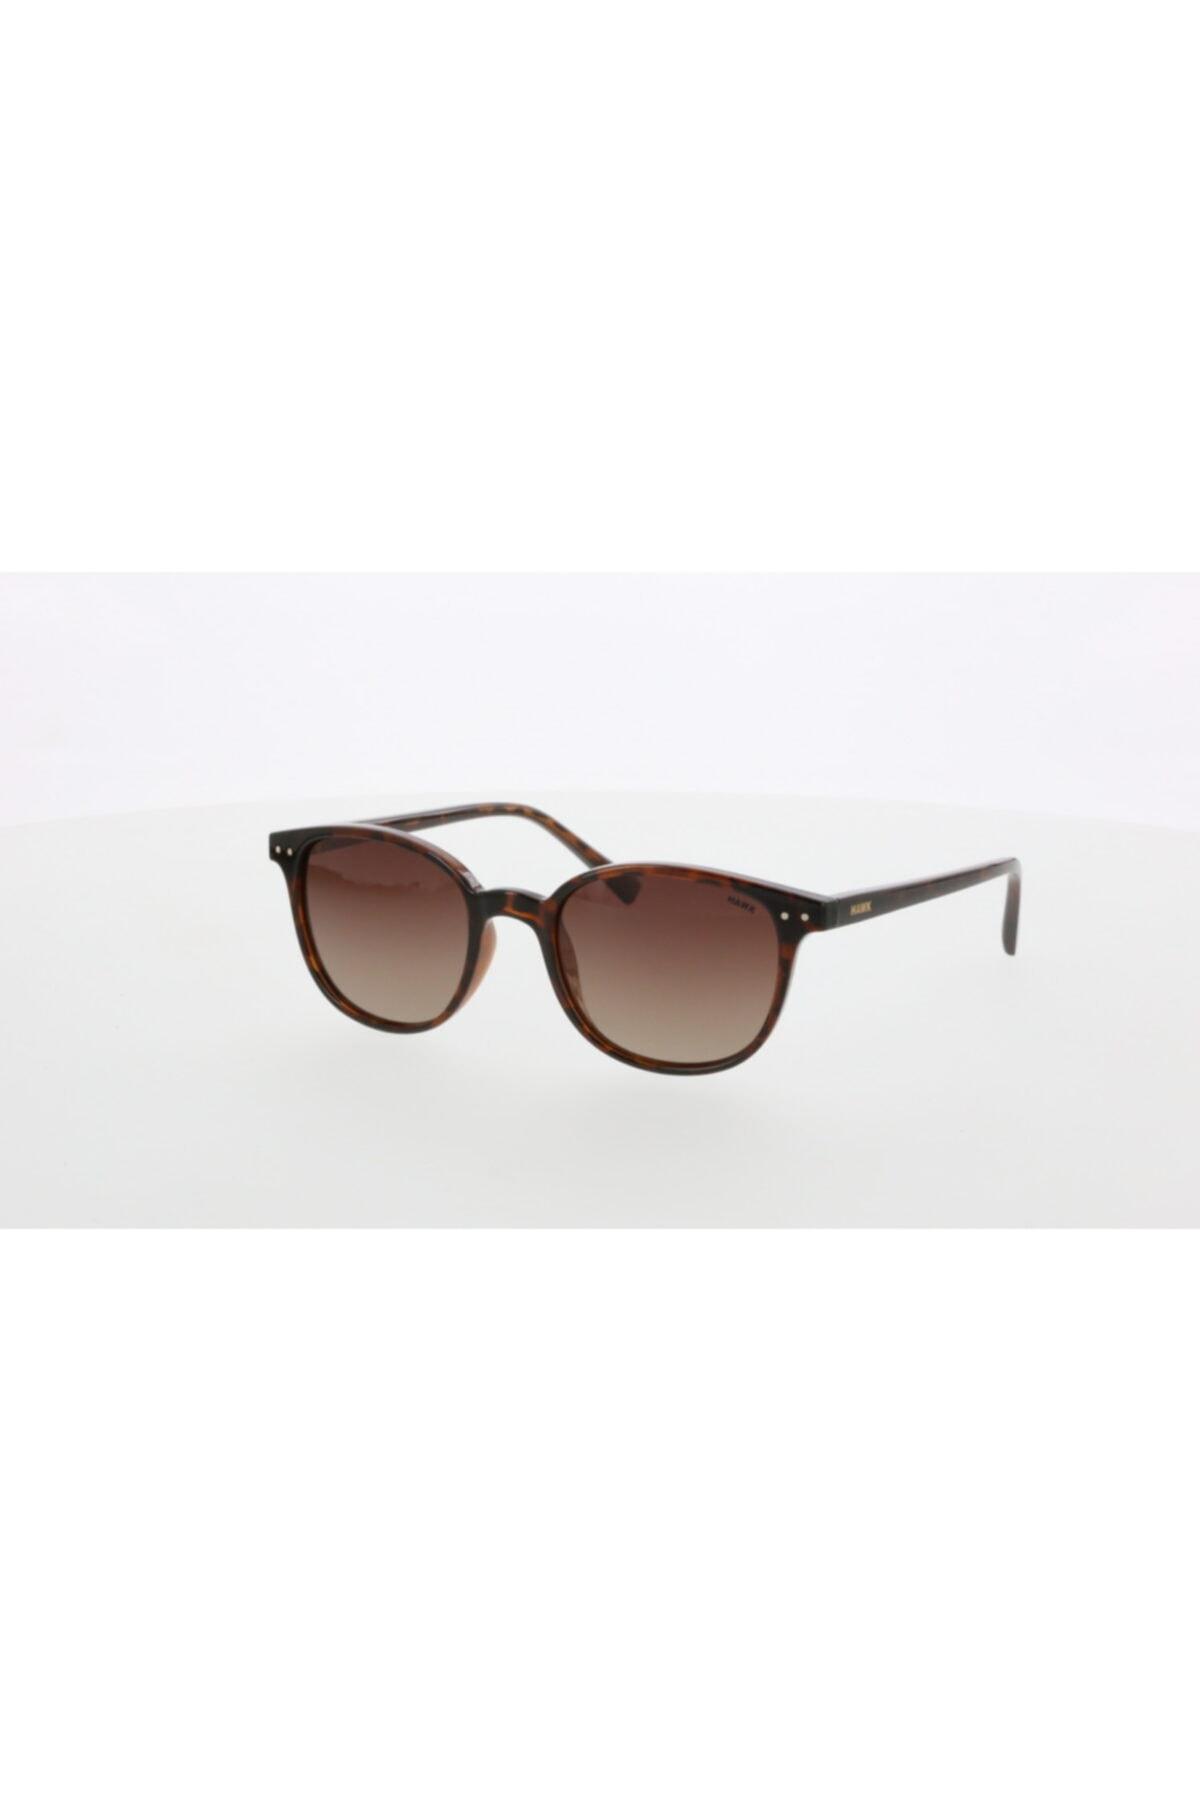 فروش عینک آفتابی مردانه 2021 برند HAWK رنگ قهوه ای کد ty99009524